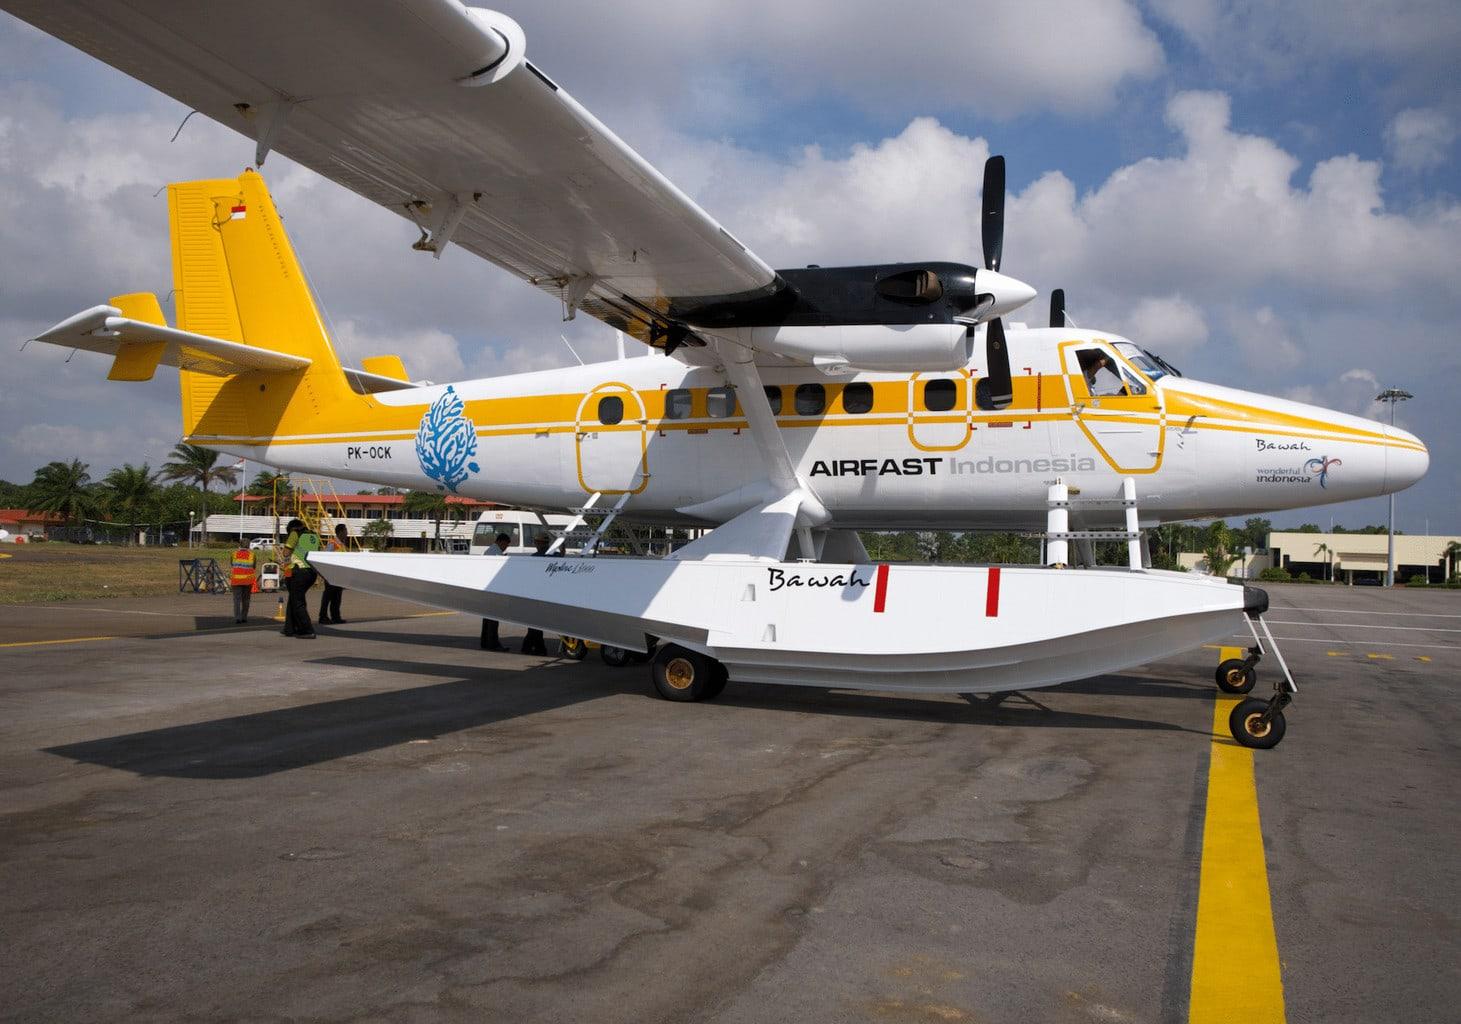 The EU Certified amphibious plane